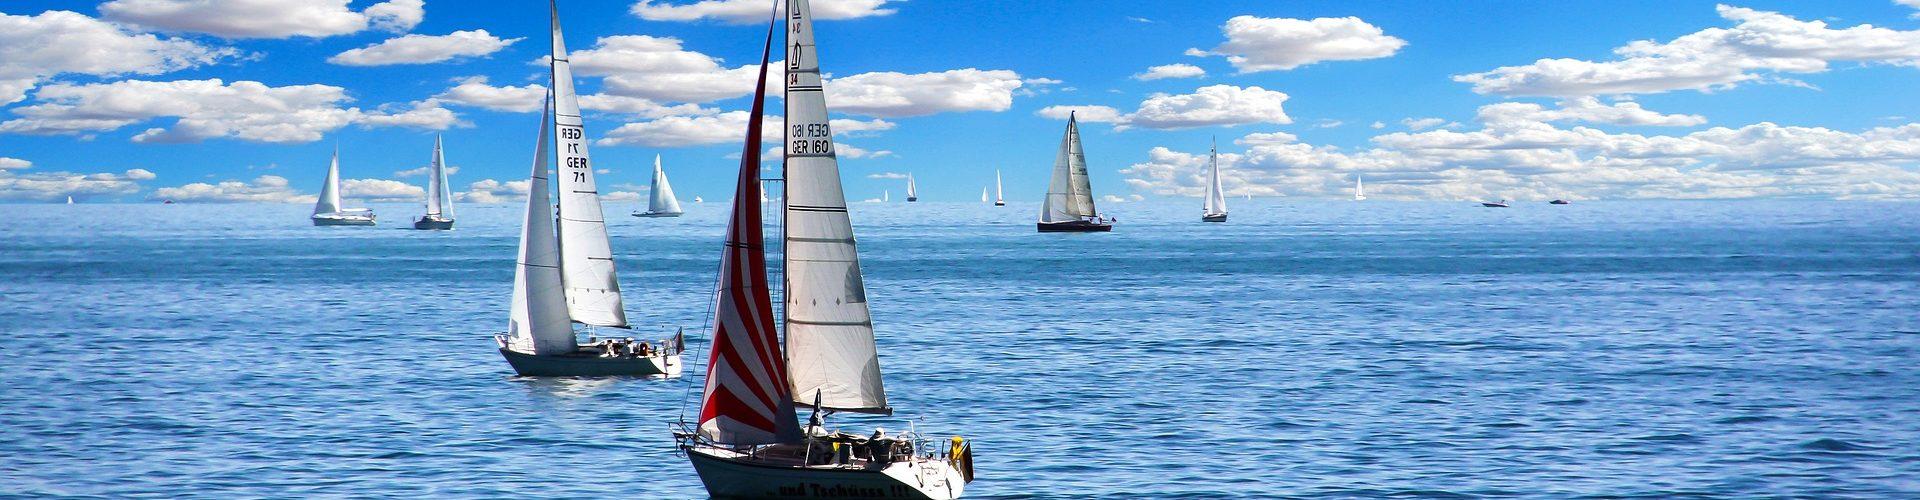 segeln lernen in Hopsten segelschein machen in Hopsten 1920x500 - Segeln lernen in Hopsten